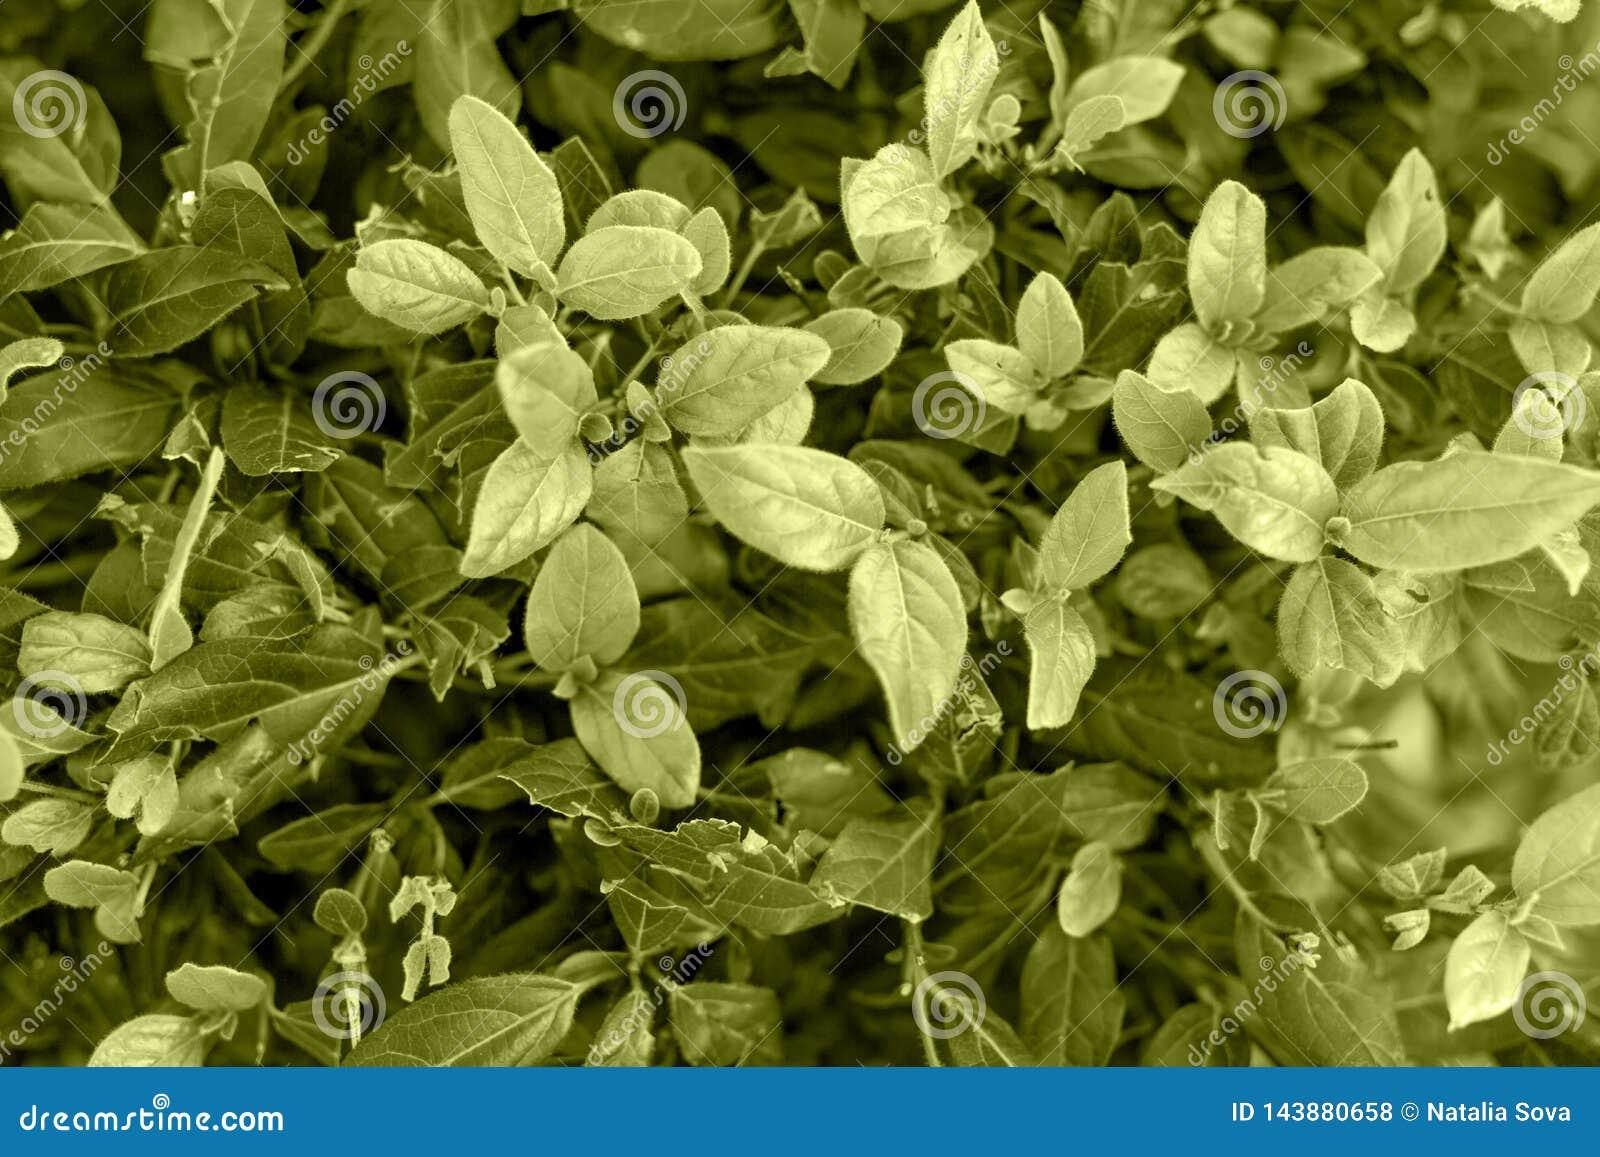 不同的树荫深绿叶子纹理